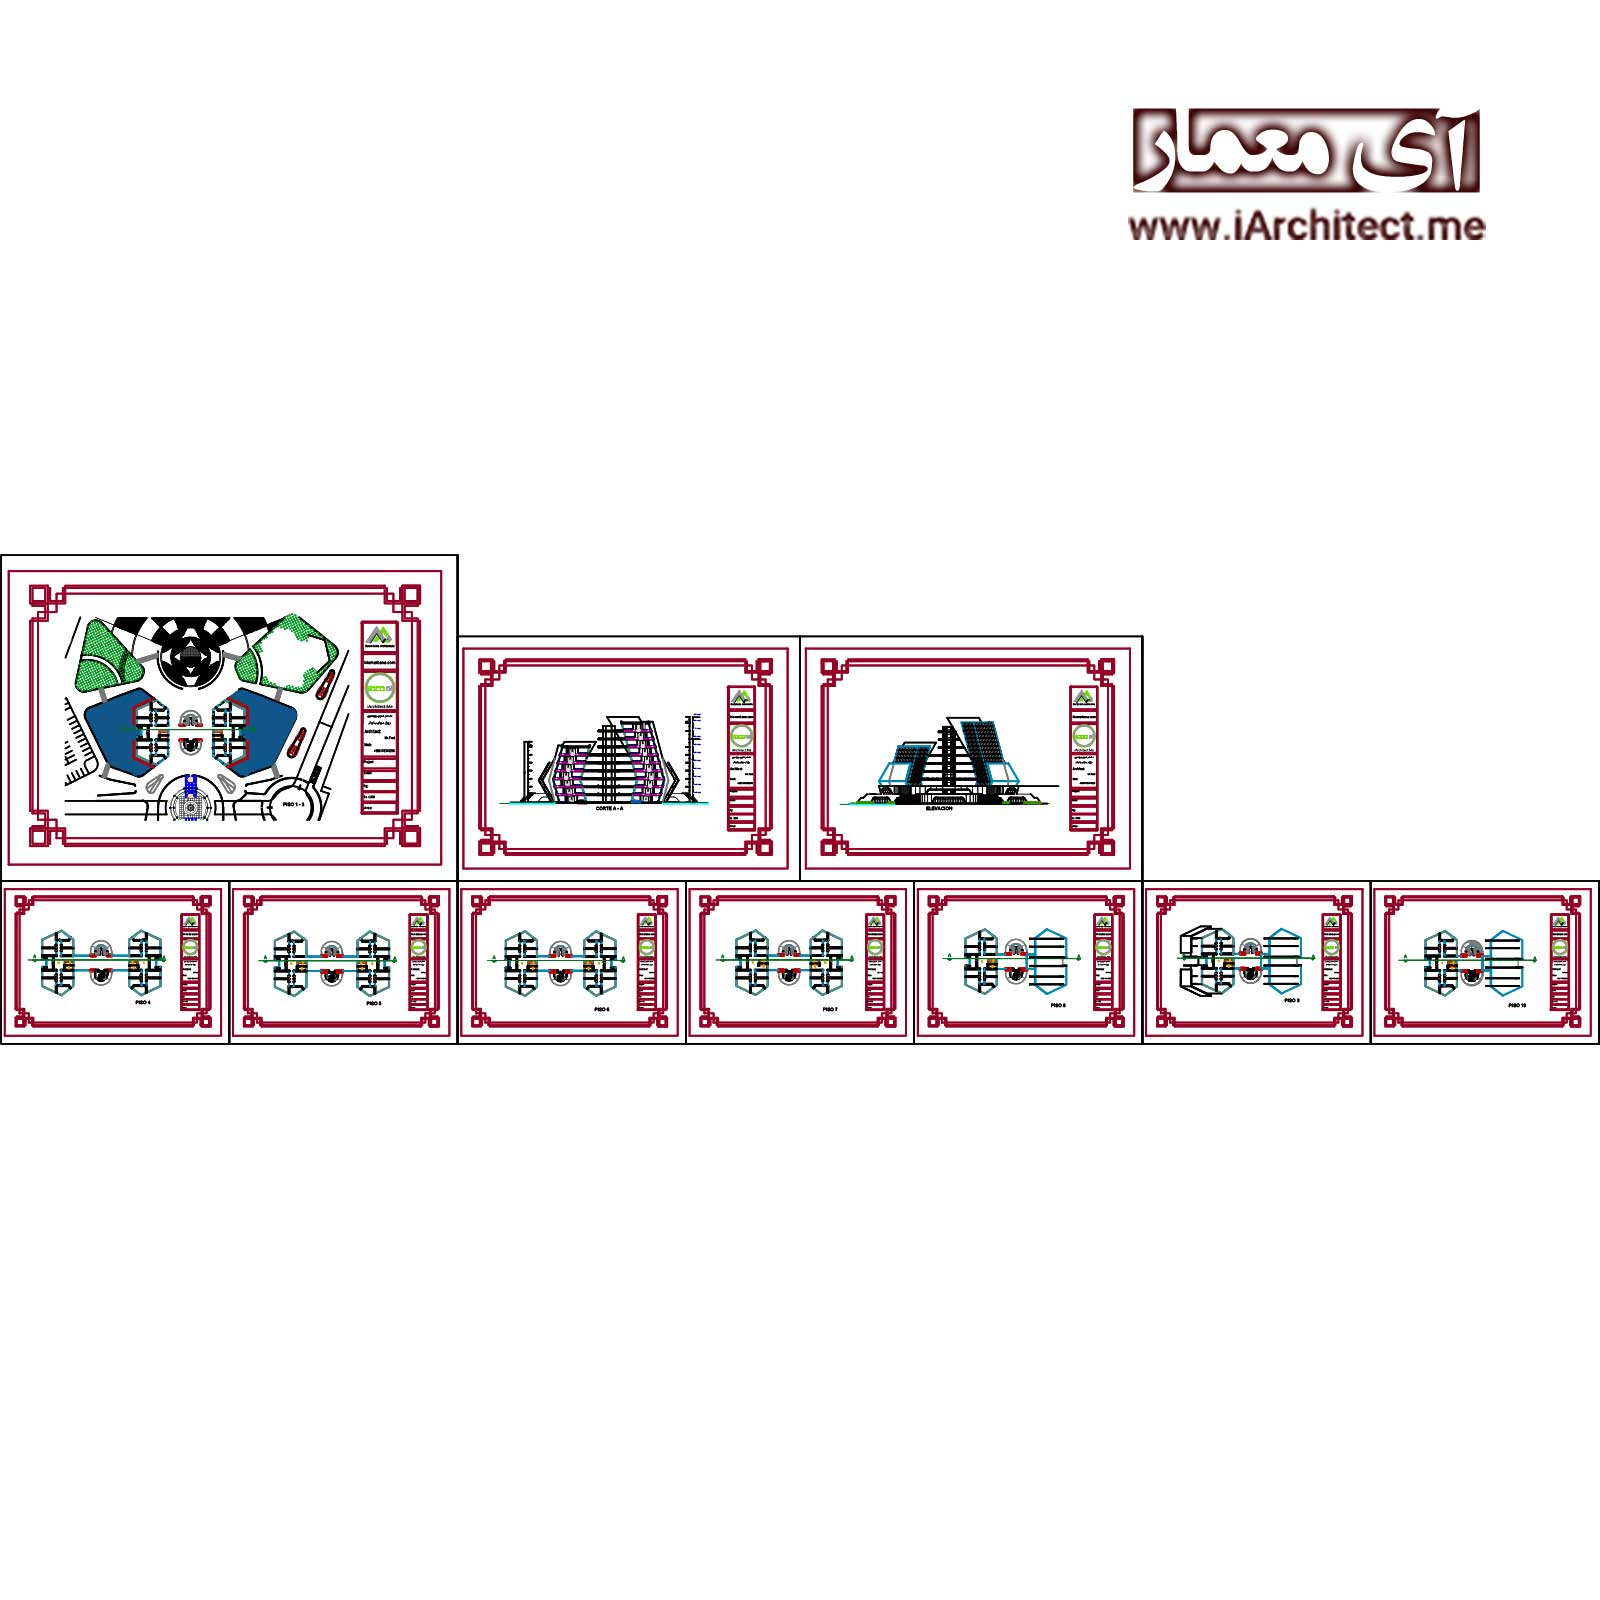 نقشه ساختمان 10 طبقه اداری